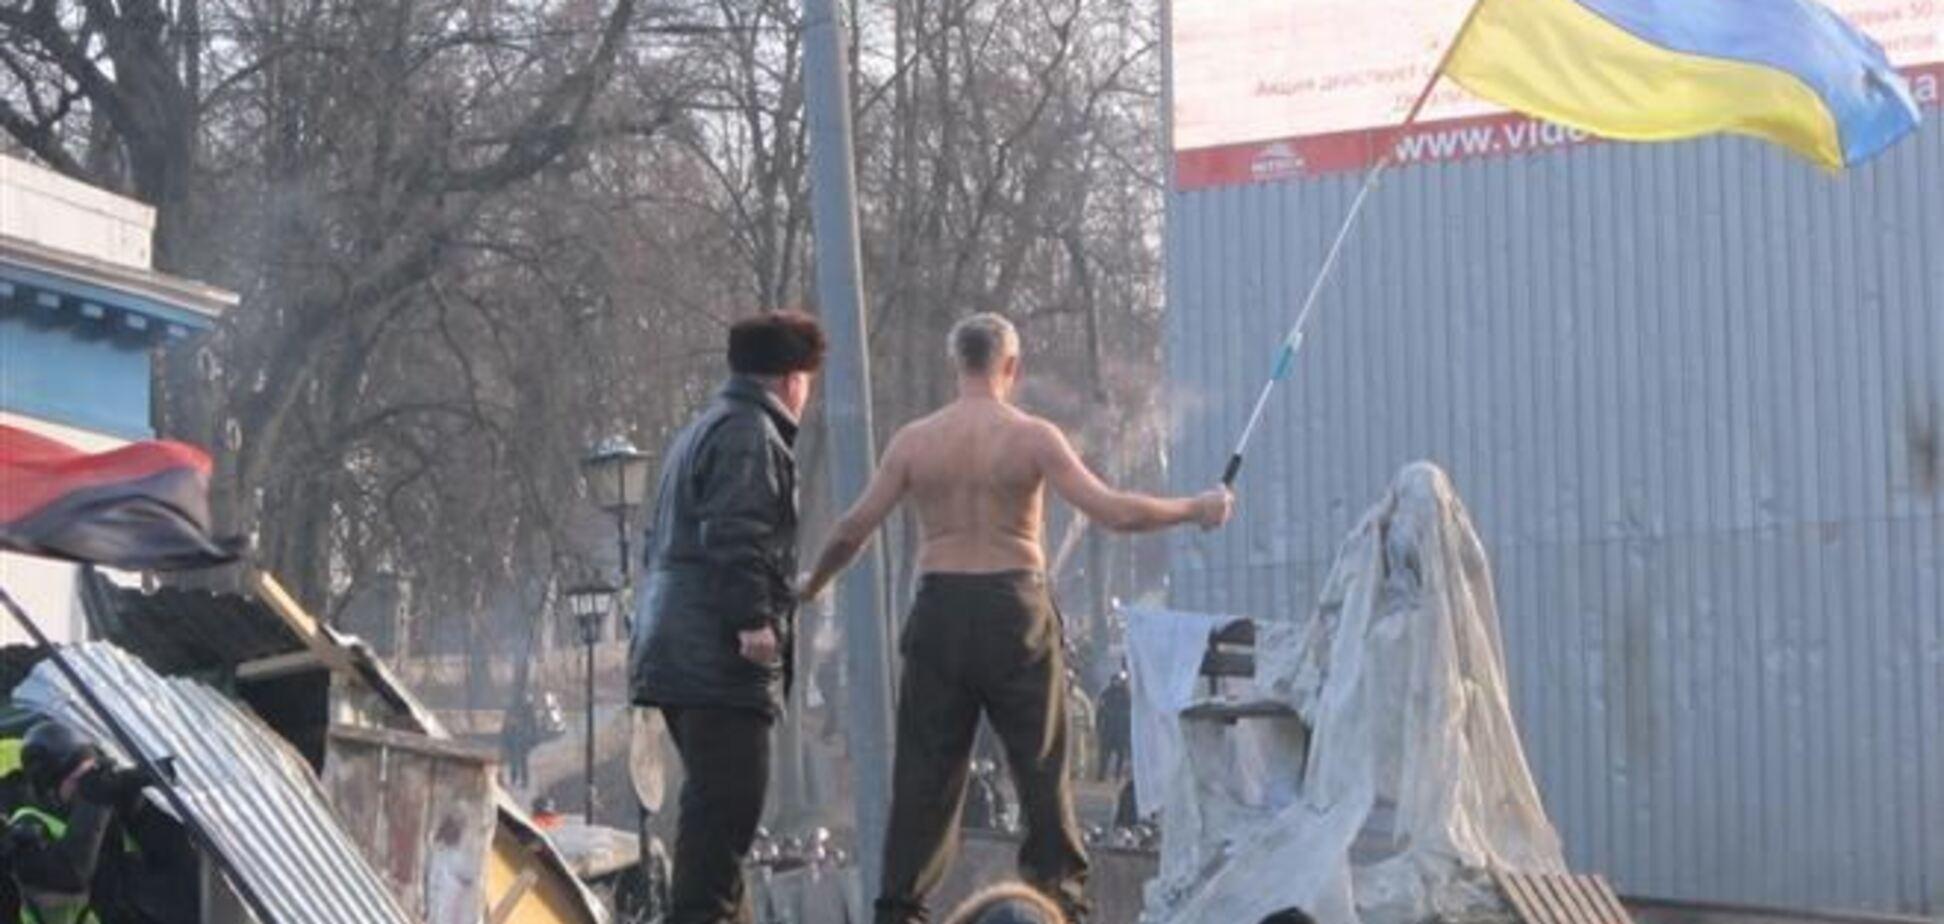 Митингующие против спецназа: противостояние в центре Киева продолжается